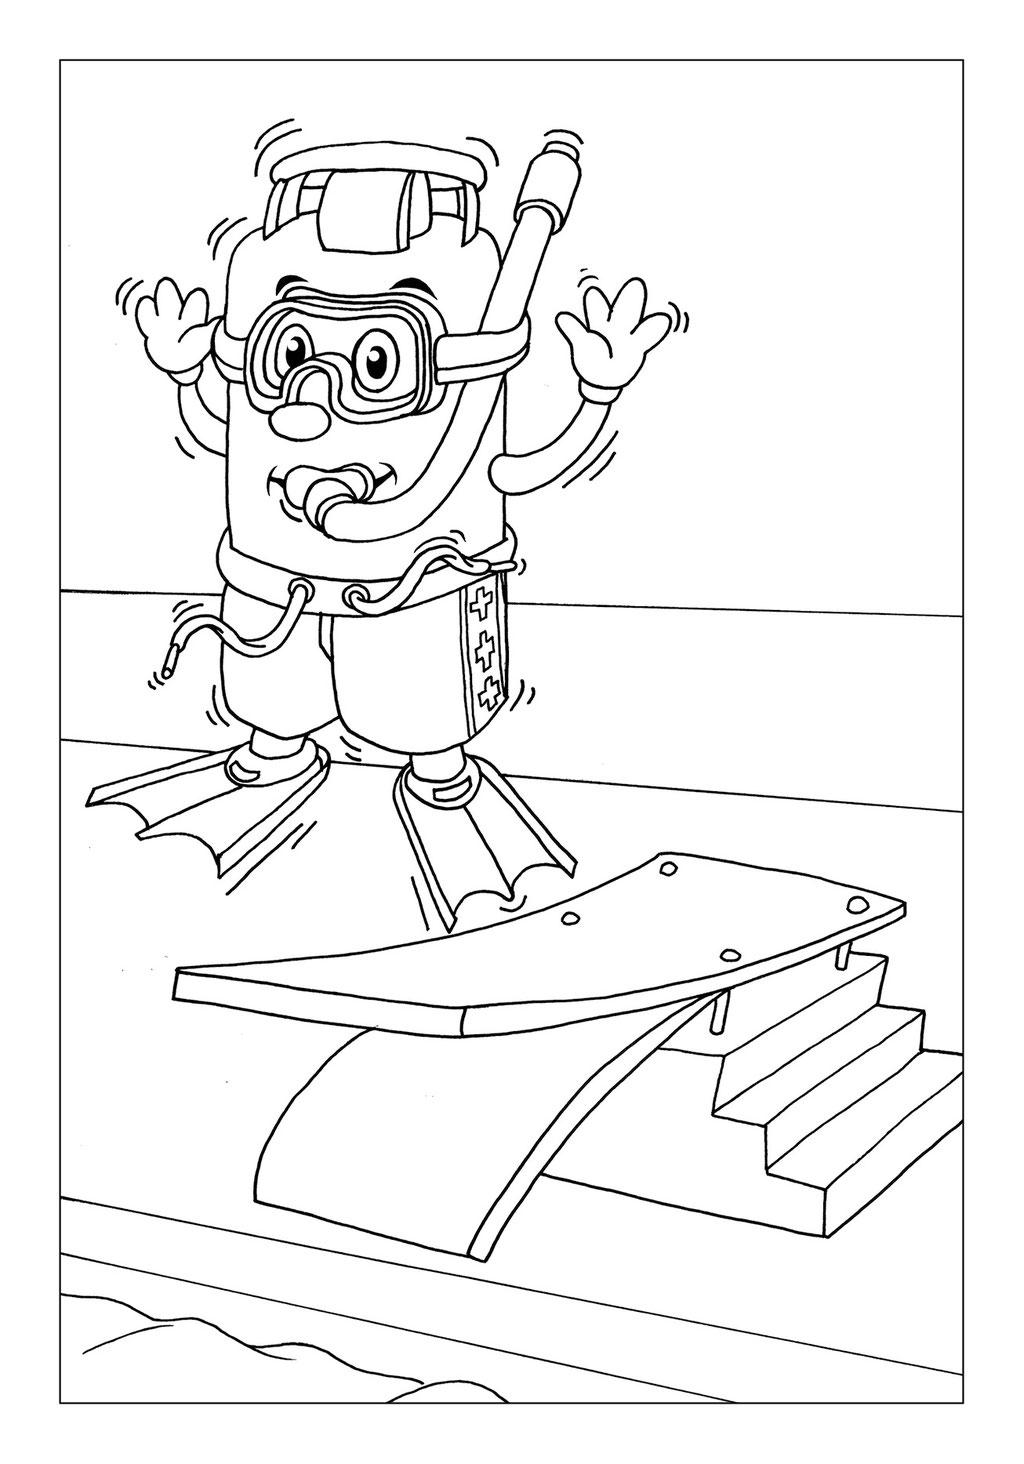 Vitogaz Kinder-Malbuch: Idee Zeichnung und Illustration: mit Taucher-Brille auf dem Sprungbrett im Freibad